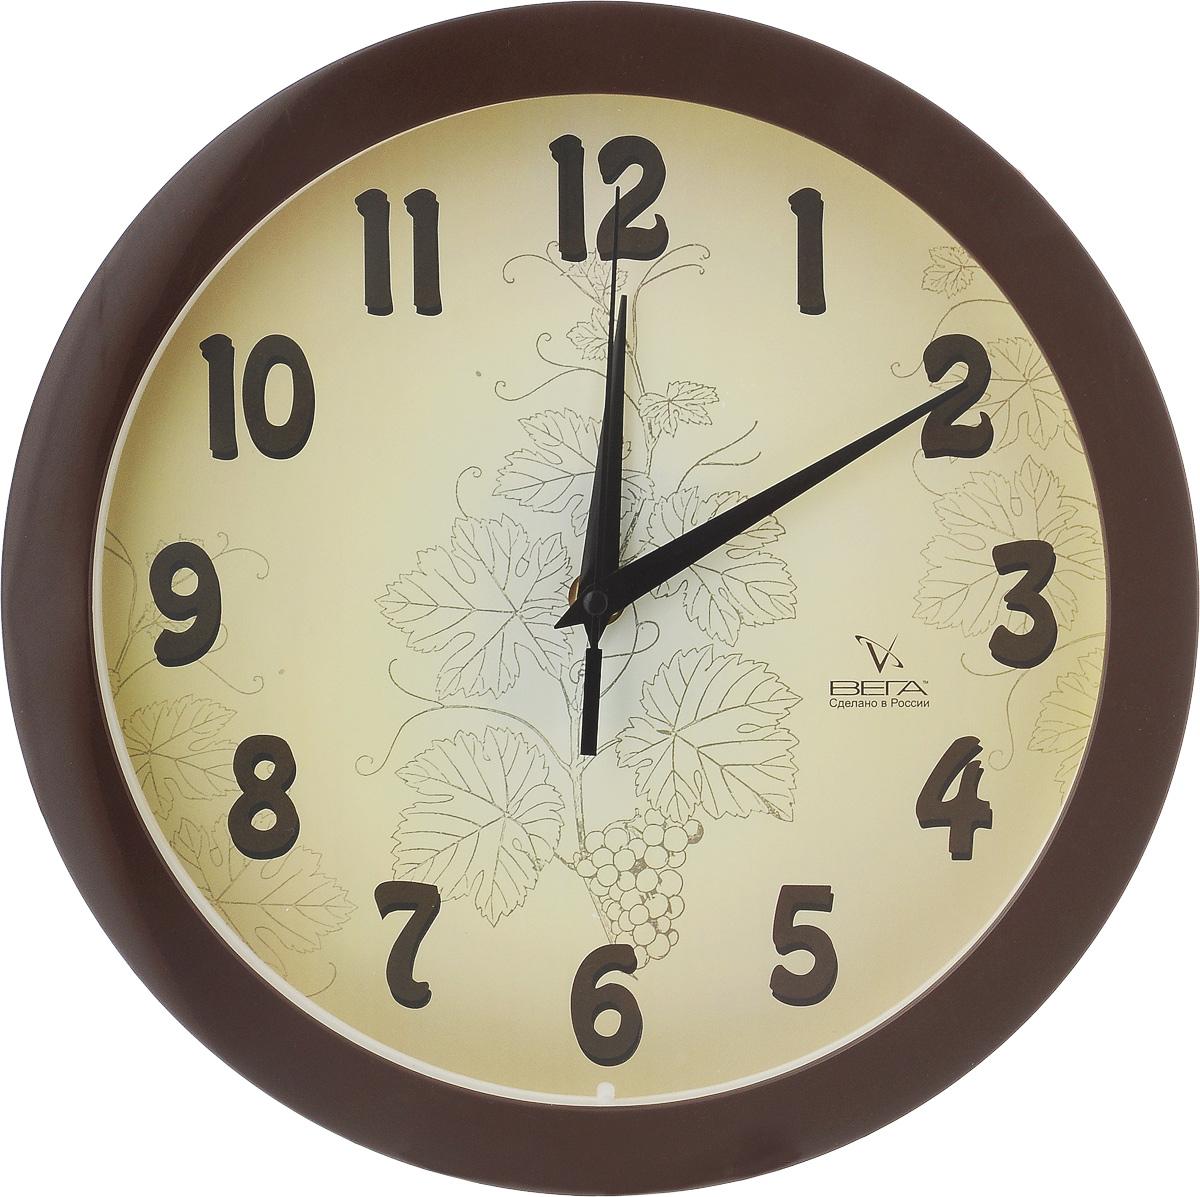 Часы настенные Вега Классика бежевая, диаметр 28,5 см94672Настенные кварцевые часы Вега Классика бежевая, изготовленные из пластика, прекрасно впишутся в интерьер вашего дома. Часы имеют три стрелки: часовую, минутную и секундную, циферблат защищен прозрачным стеклом. Часы работают от 1 батарейки типа АА напряжением 1,5 В (не входит в комплект).Диаметр часов: 28,5 см.